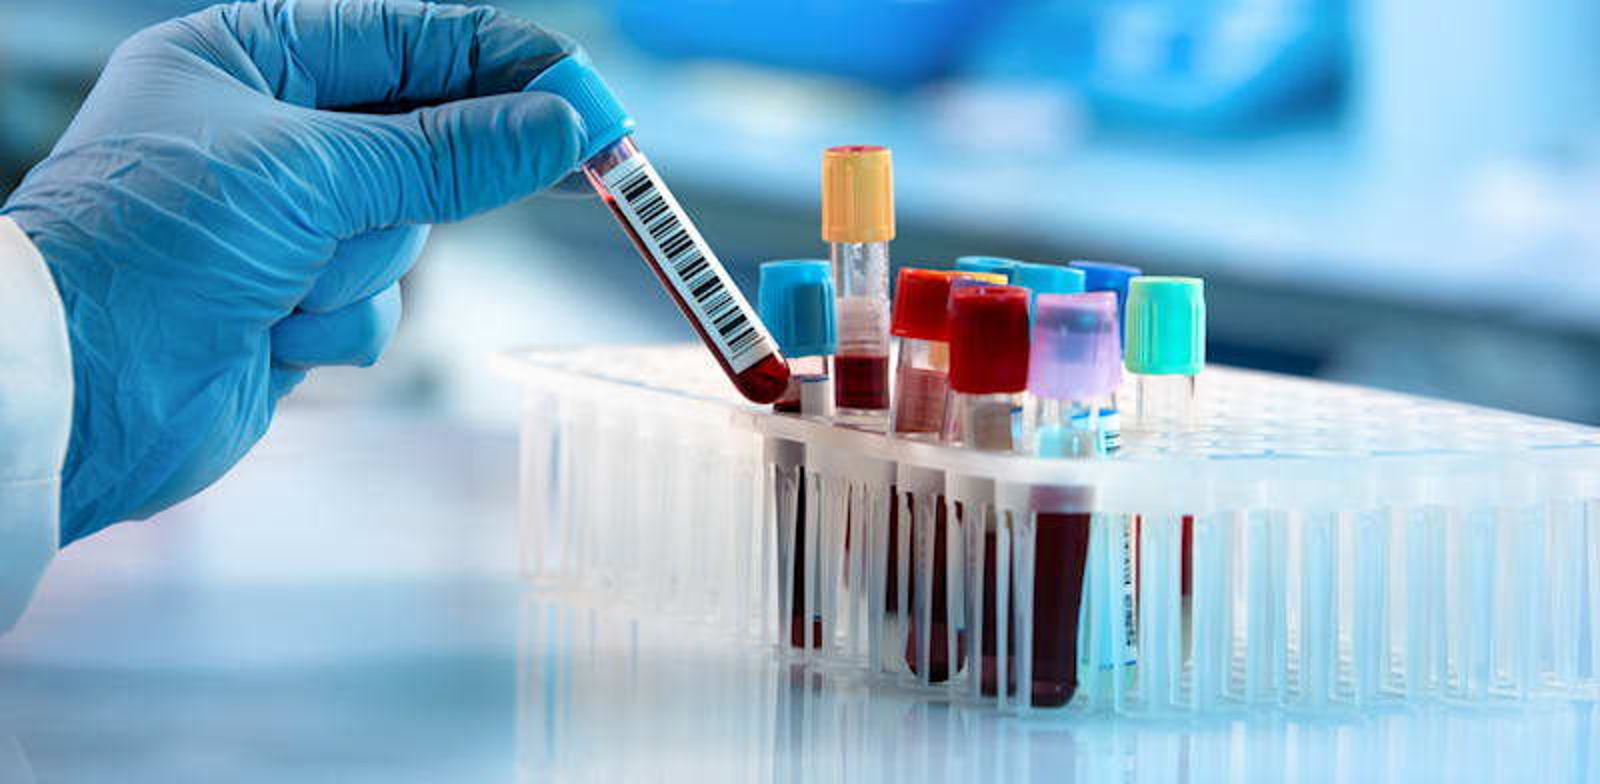 לישראל יש את האוצר הגדול של המאה ה-21 - מידע רפואי / צילום: Shutterstock, angellodeco